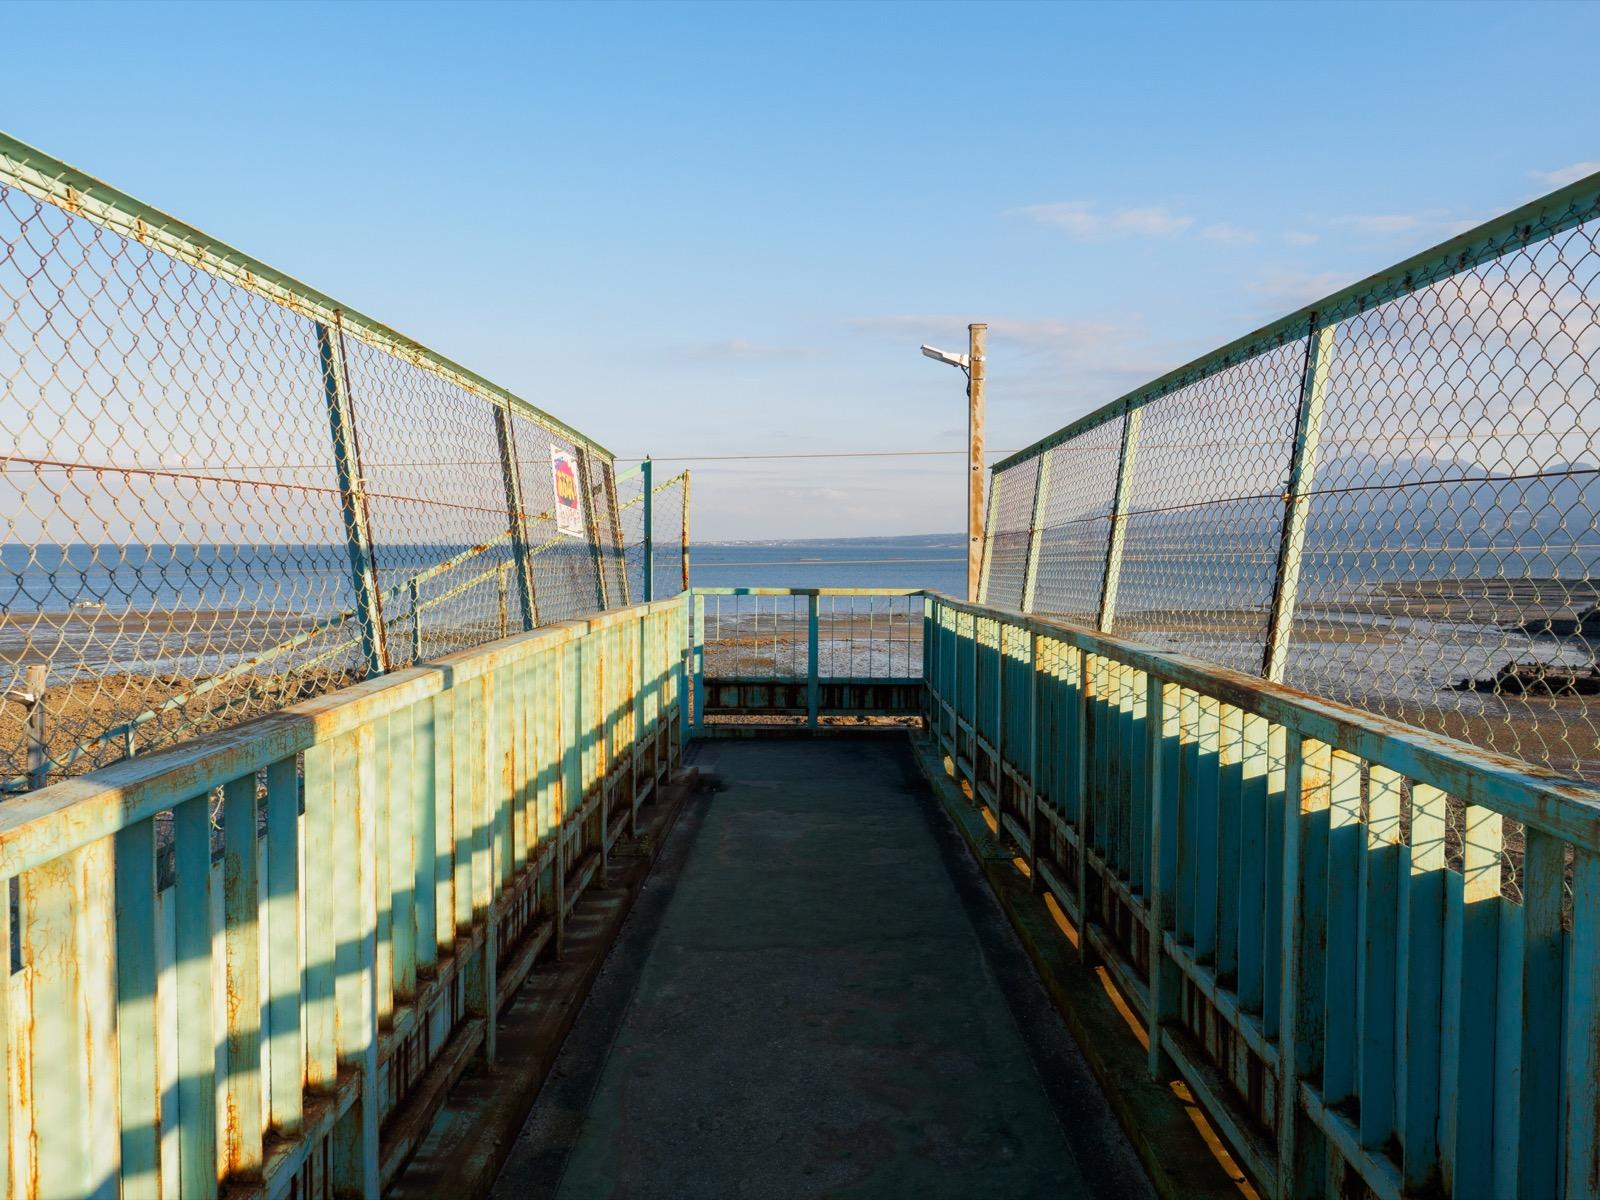 小長井駅の跨線橋から見た諫早湾